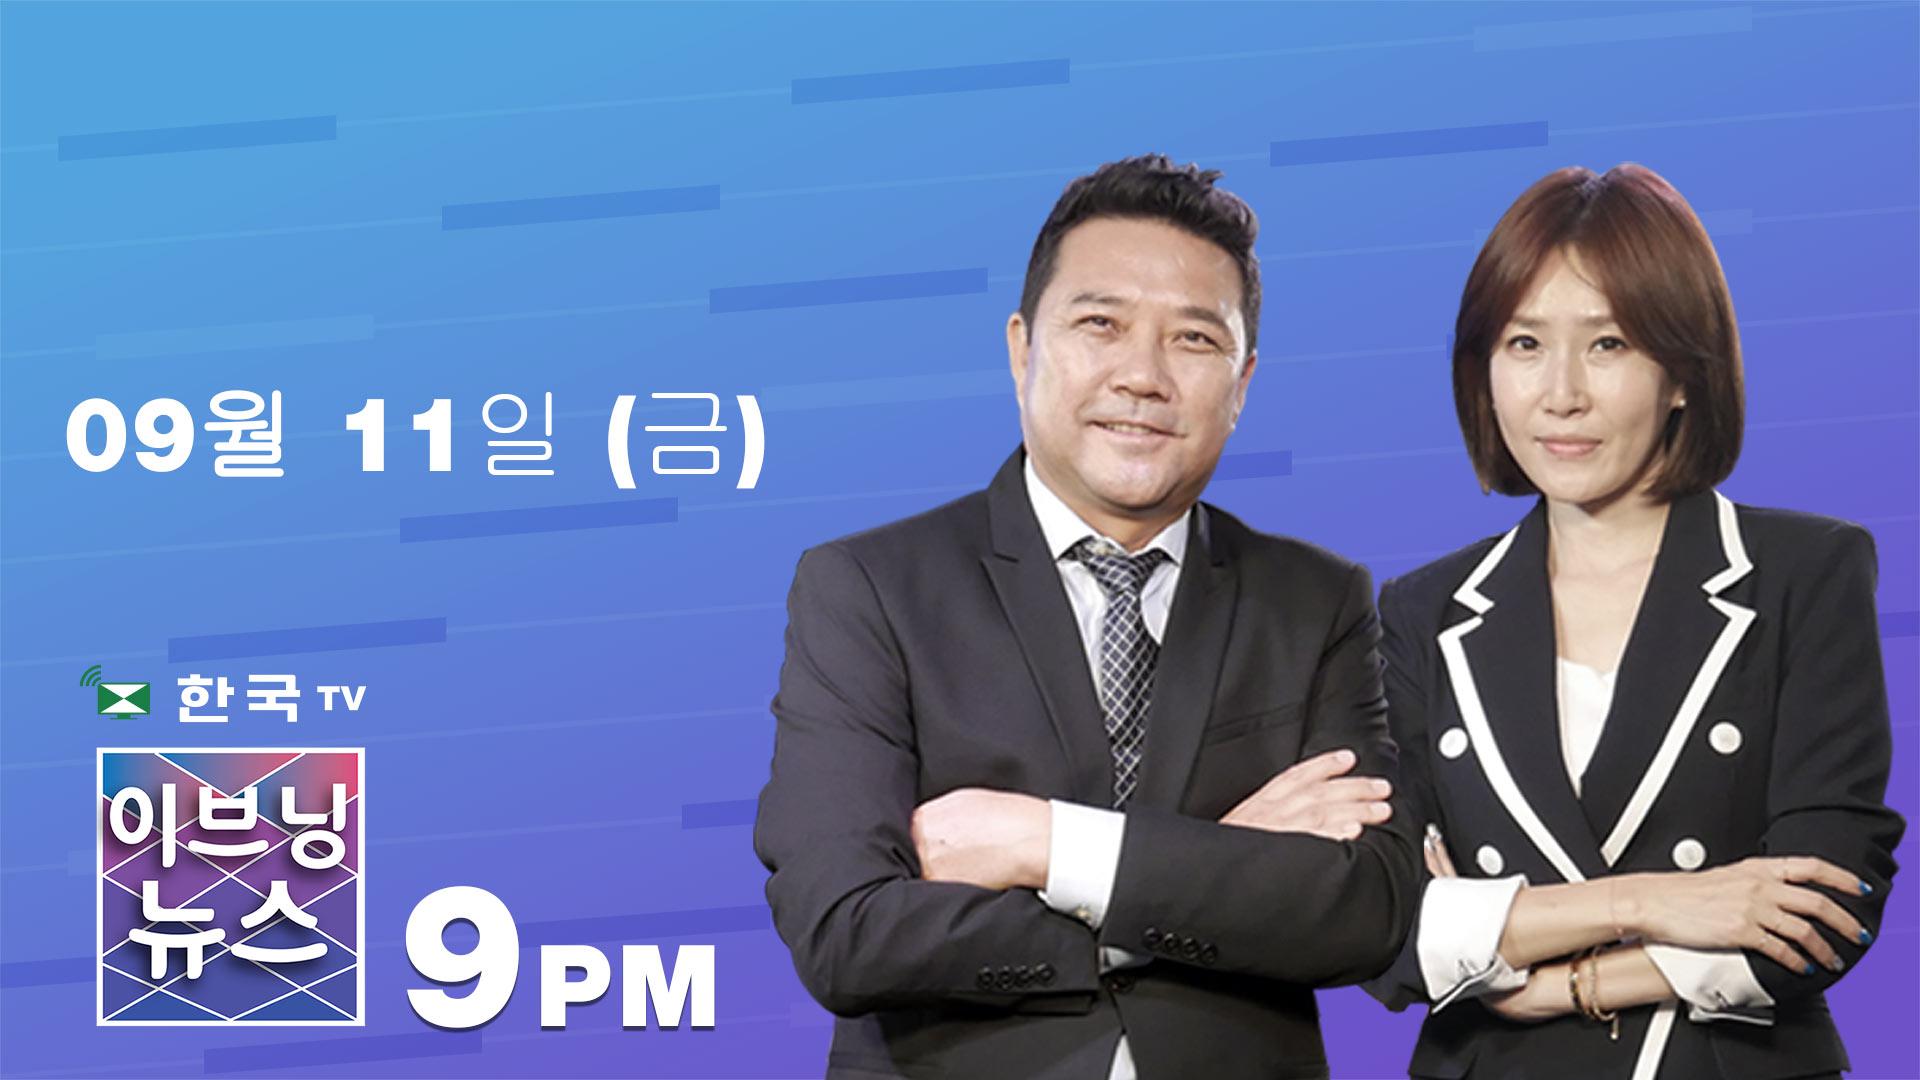 (09.11.2020) 한국TV 이브닝 뉴스